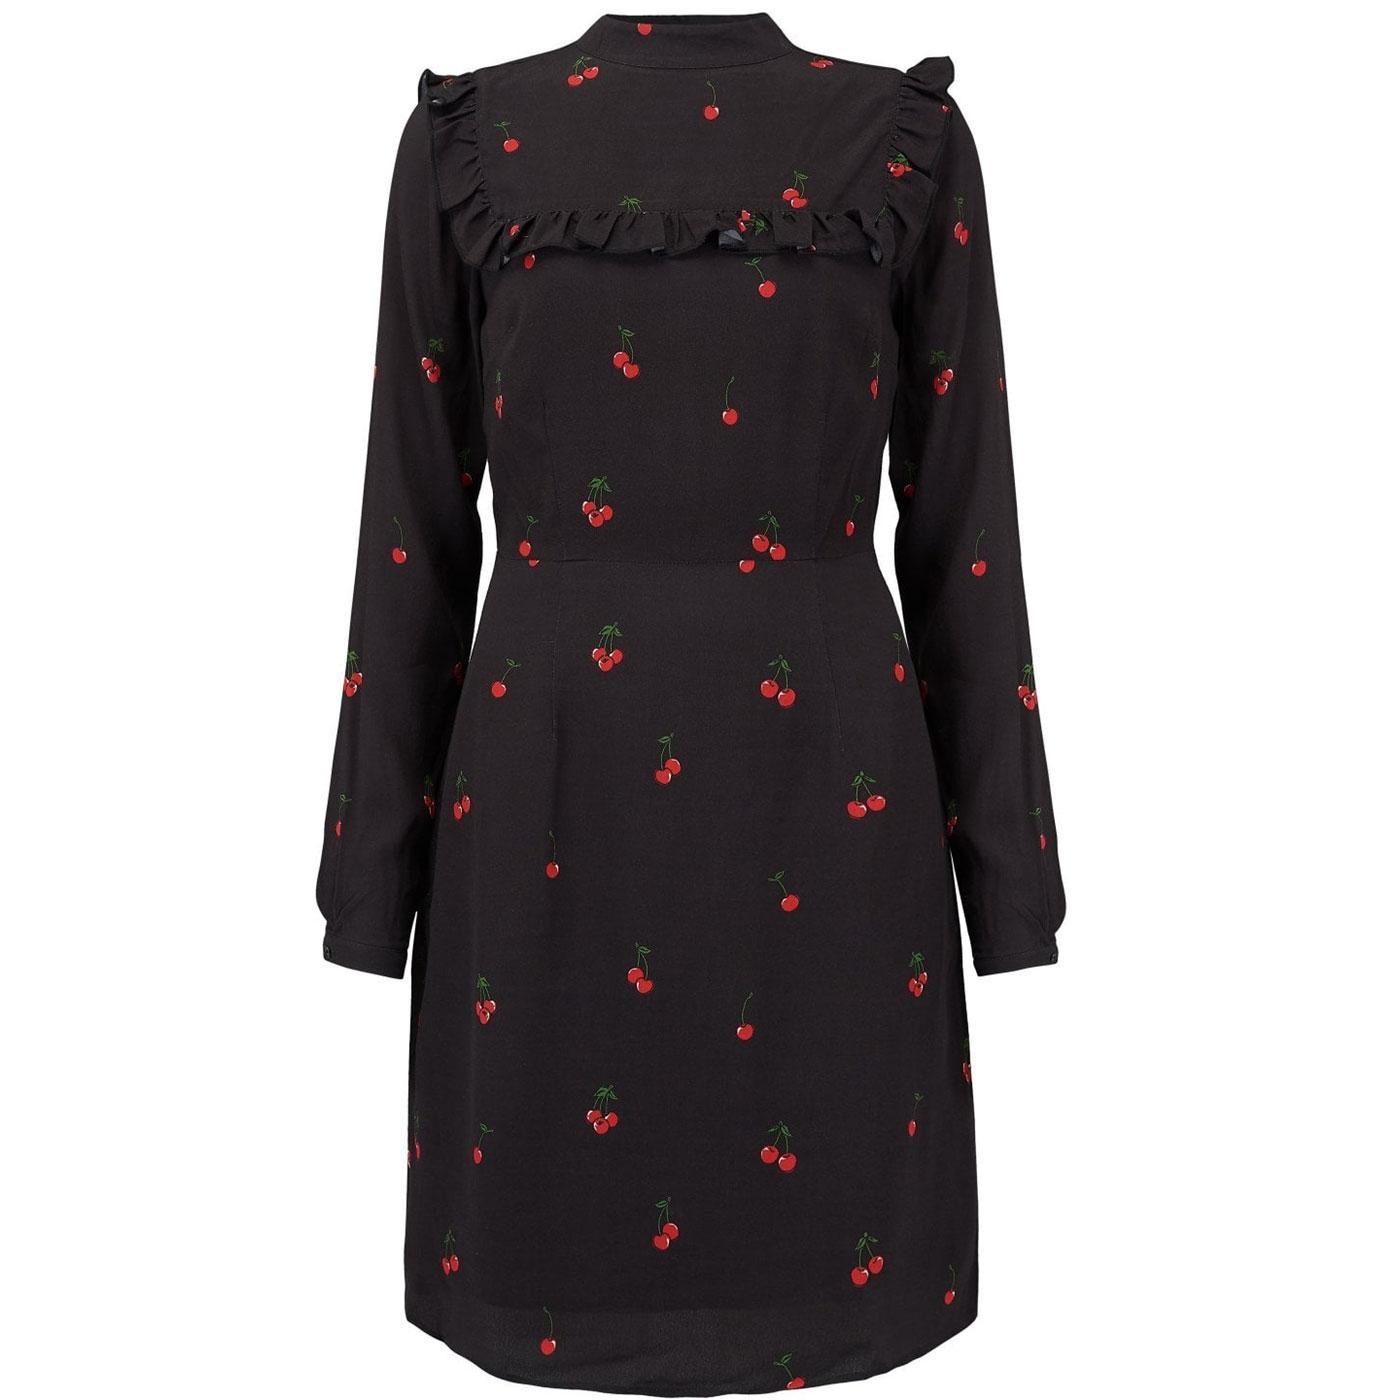 Lolita SUGARHILL BOUTIQUE Winterberry Cherry Dress